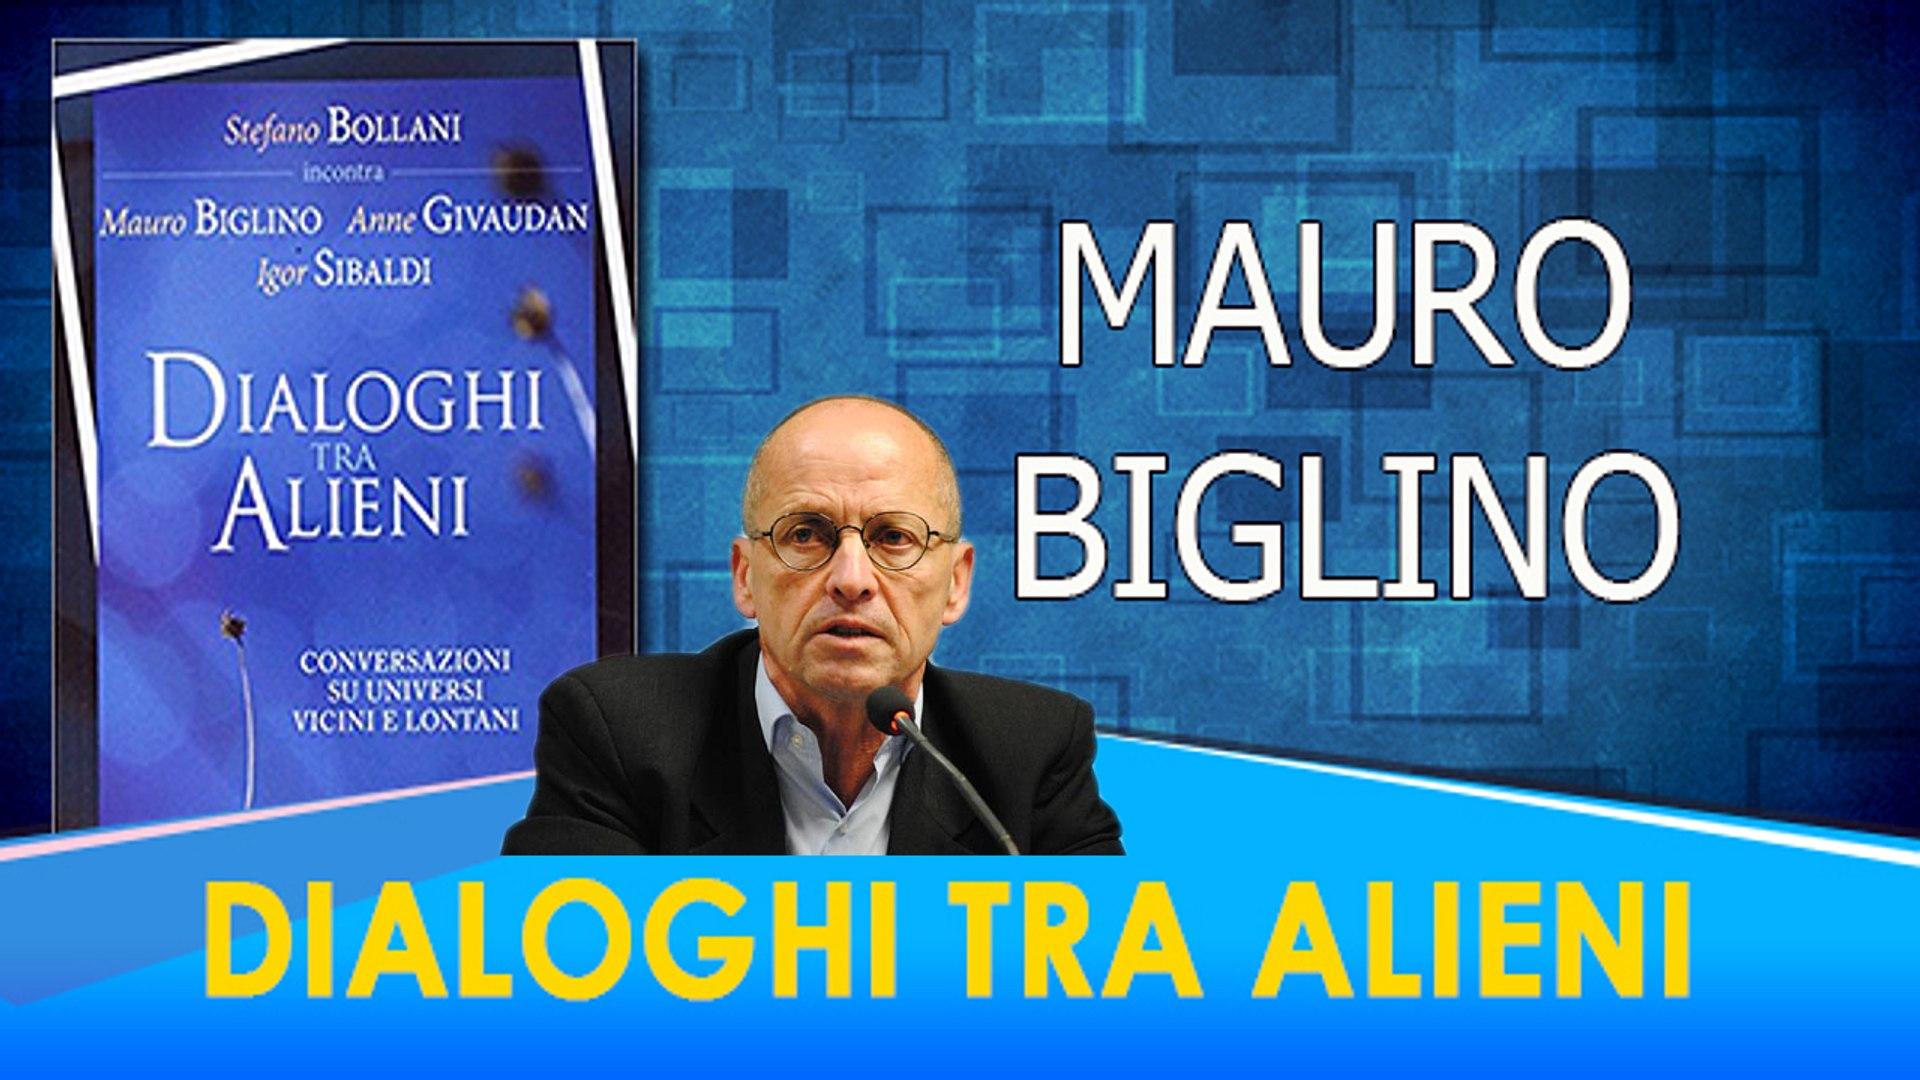 STEFANO BOLLANI & MAURO BIGLINO - Dialoghi Tra Alieni (Brescia, 1 Ottobre 2017)